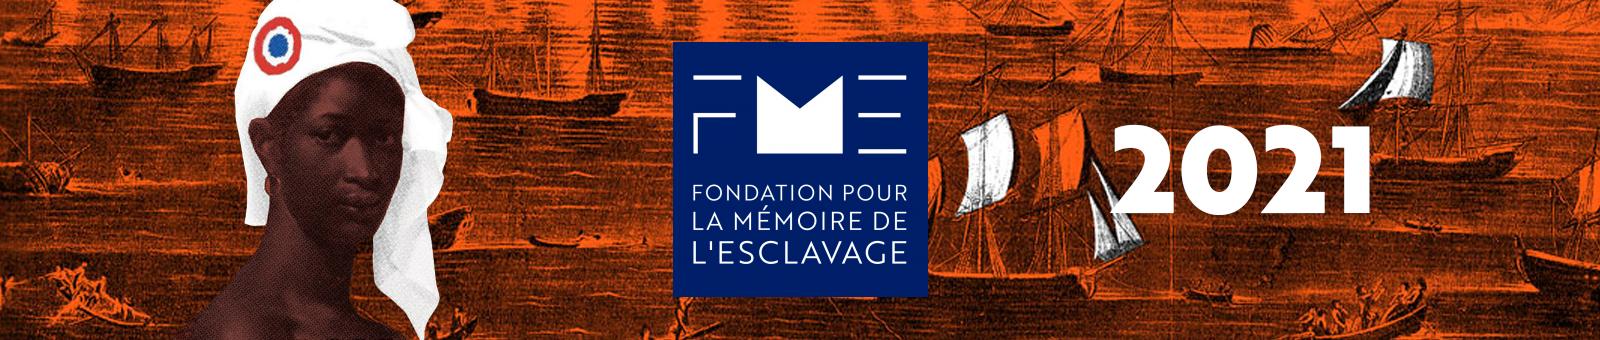 Convention entre l'ADF et la Fondation pour la mémoire de l'esclavage